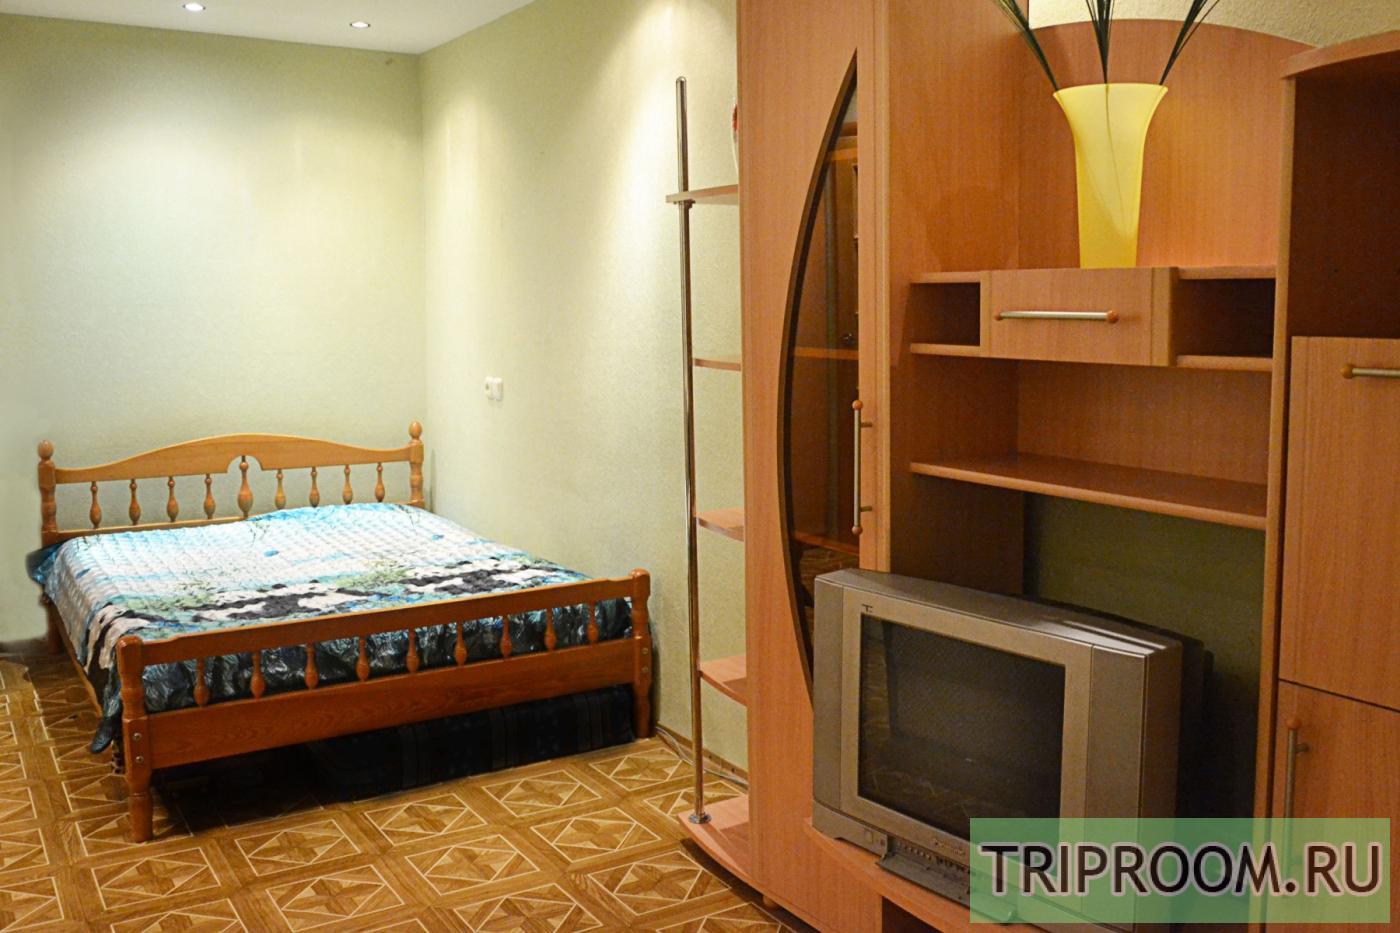 1-комнатная квартира посуточно (вариант № 18289), ул. Каменская улица, фото № 3